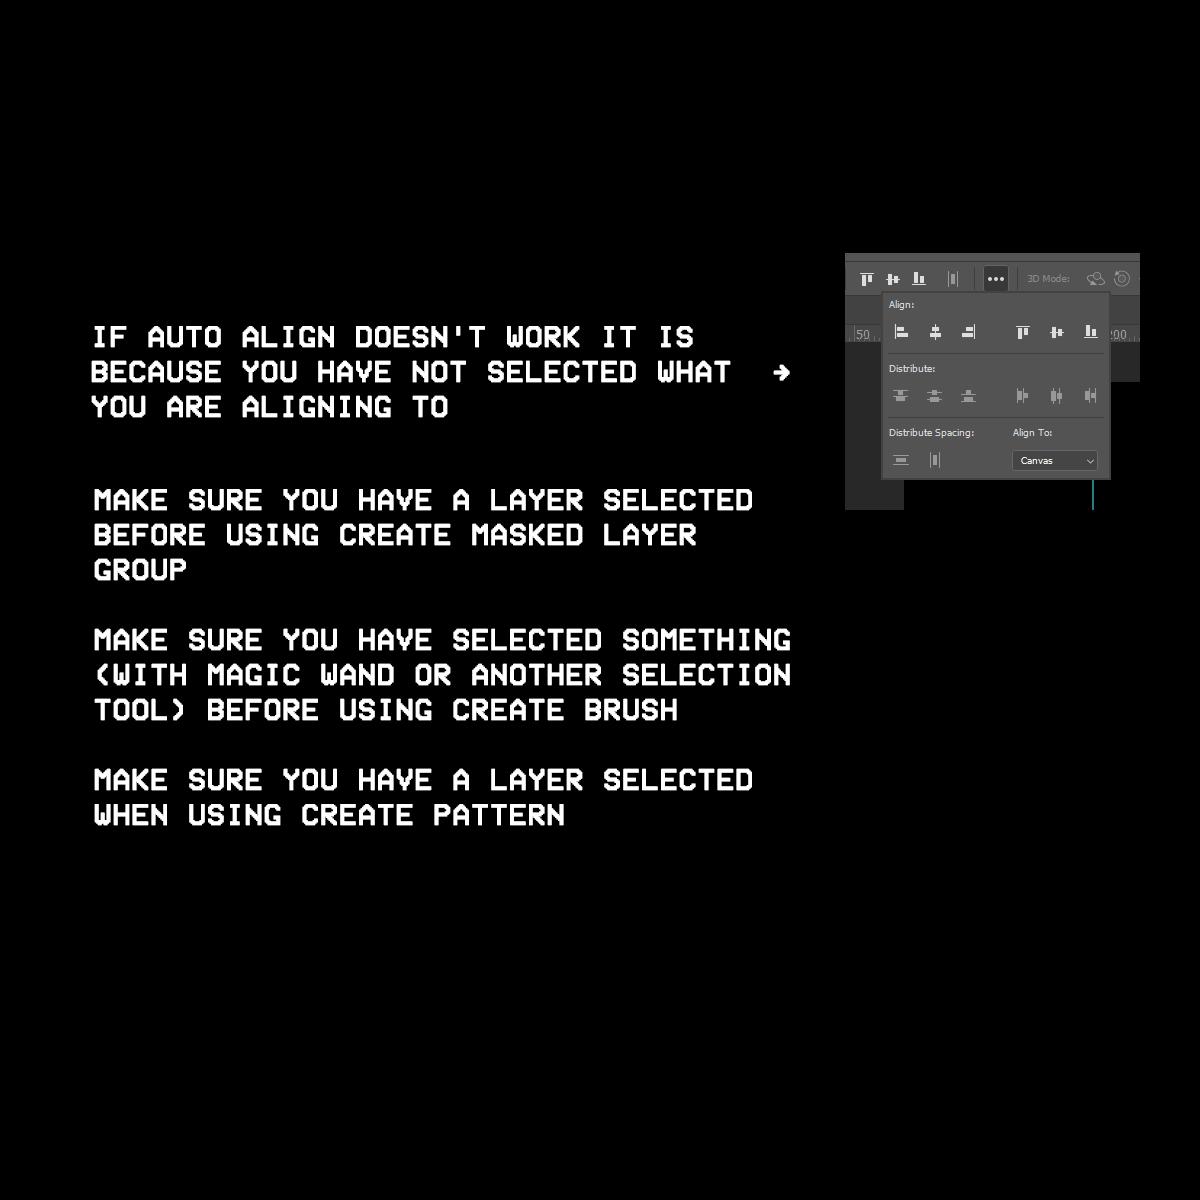 故障代码数据修复发光效果文字设计PS动作模板 Cheat Codes插图(1)